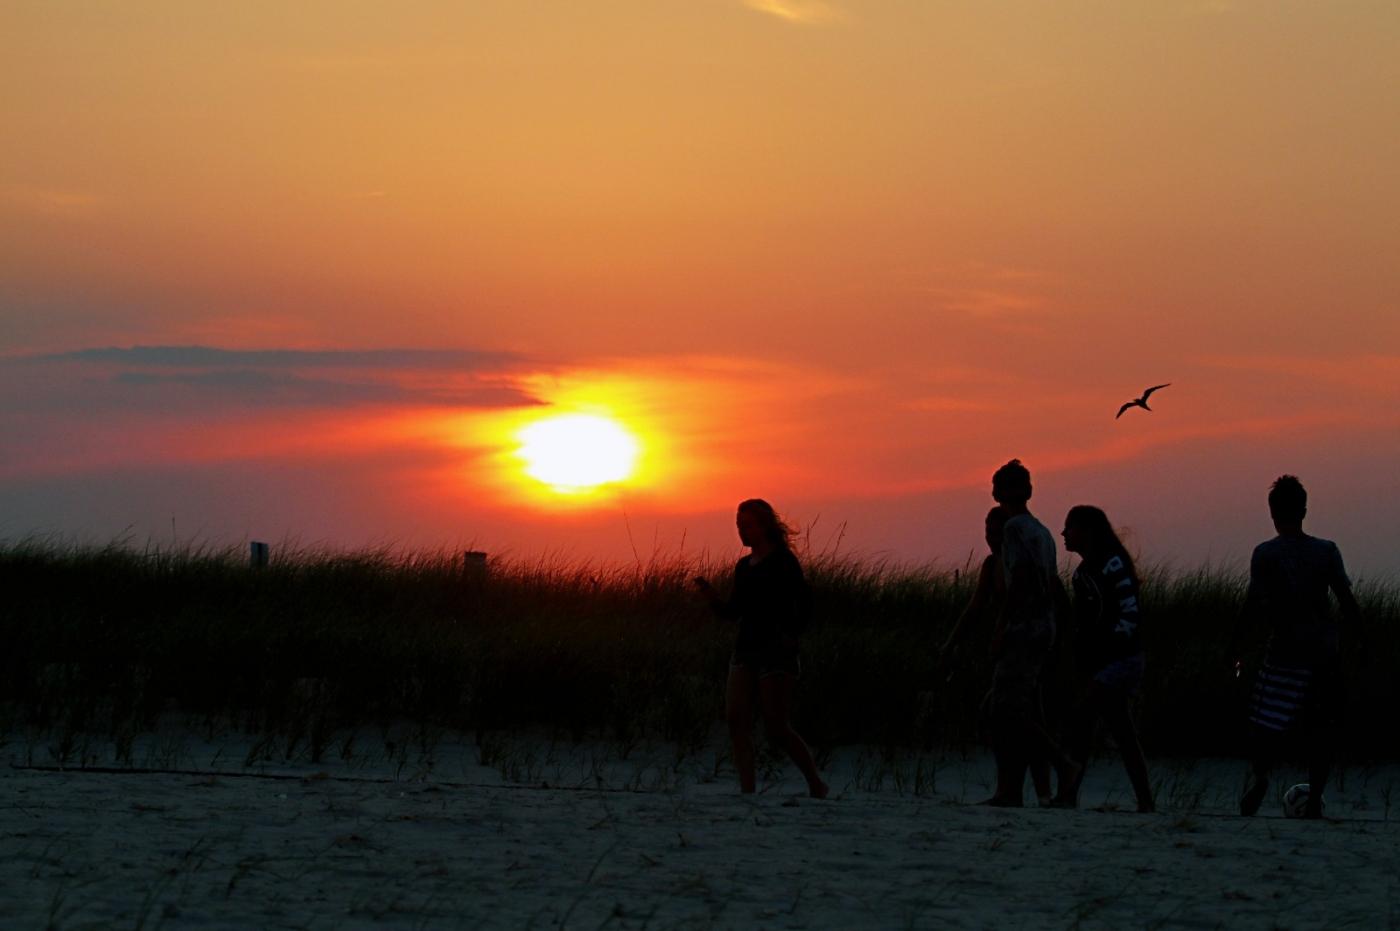 【田螺摄影】写长沙滩的日出日落_图1-10